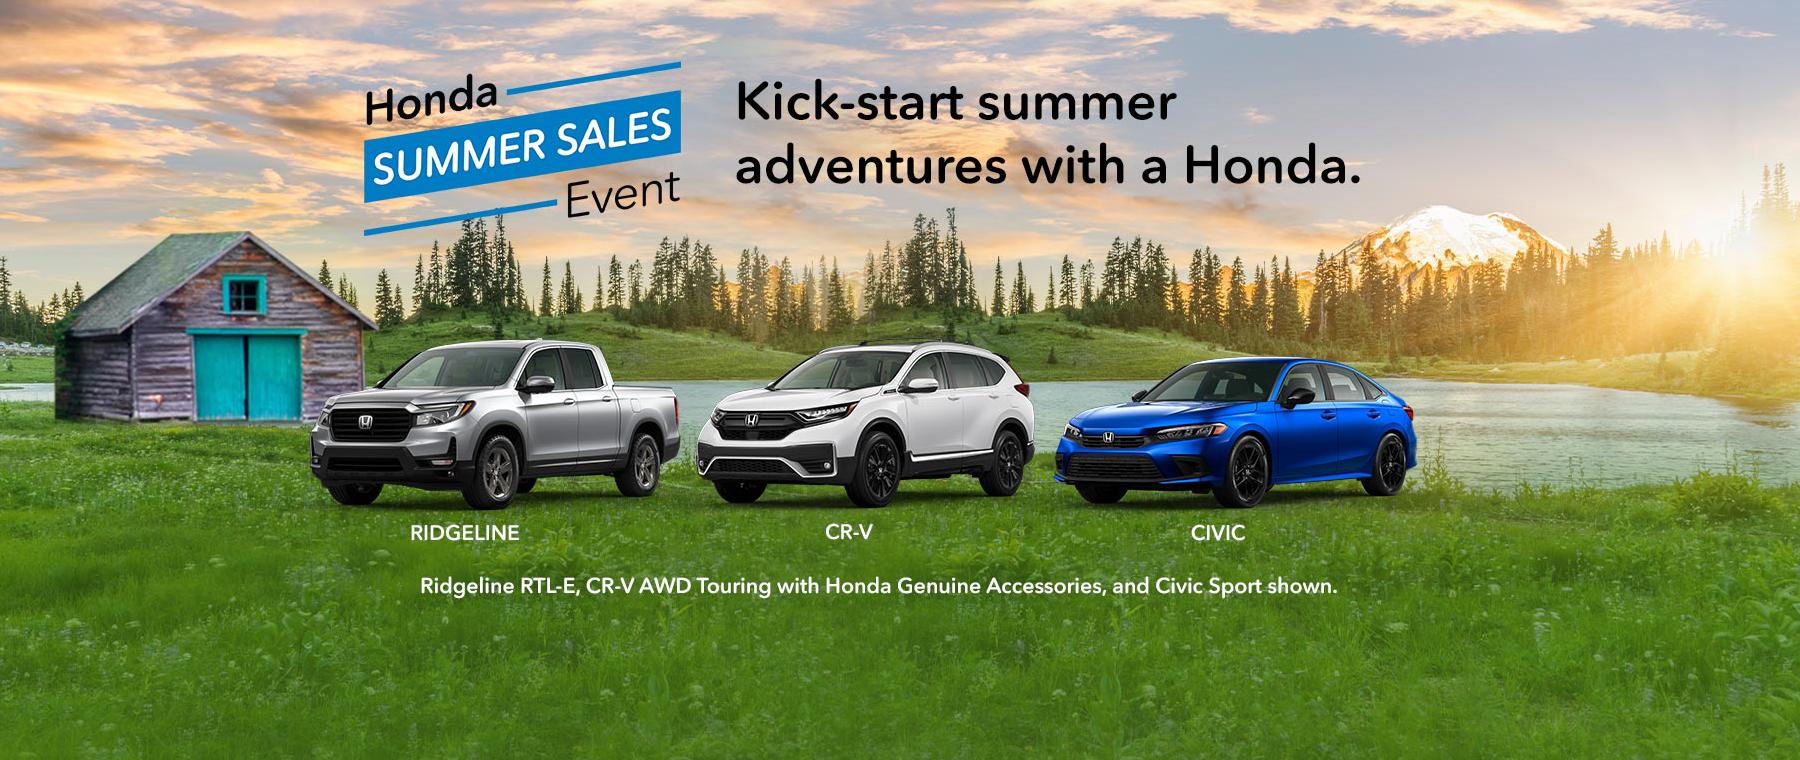 honda summer sales event 1800x760